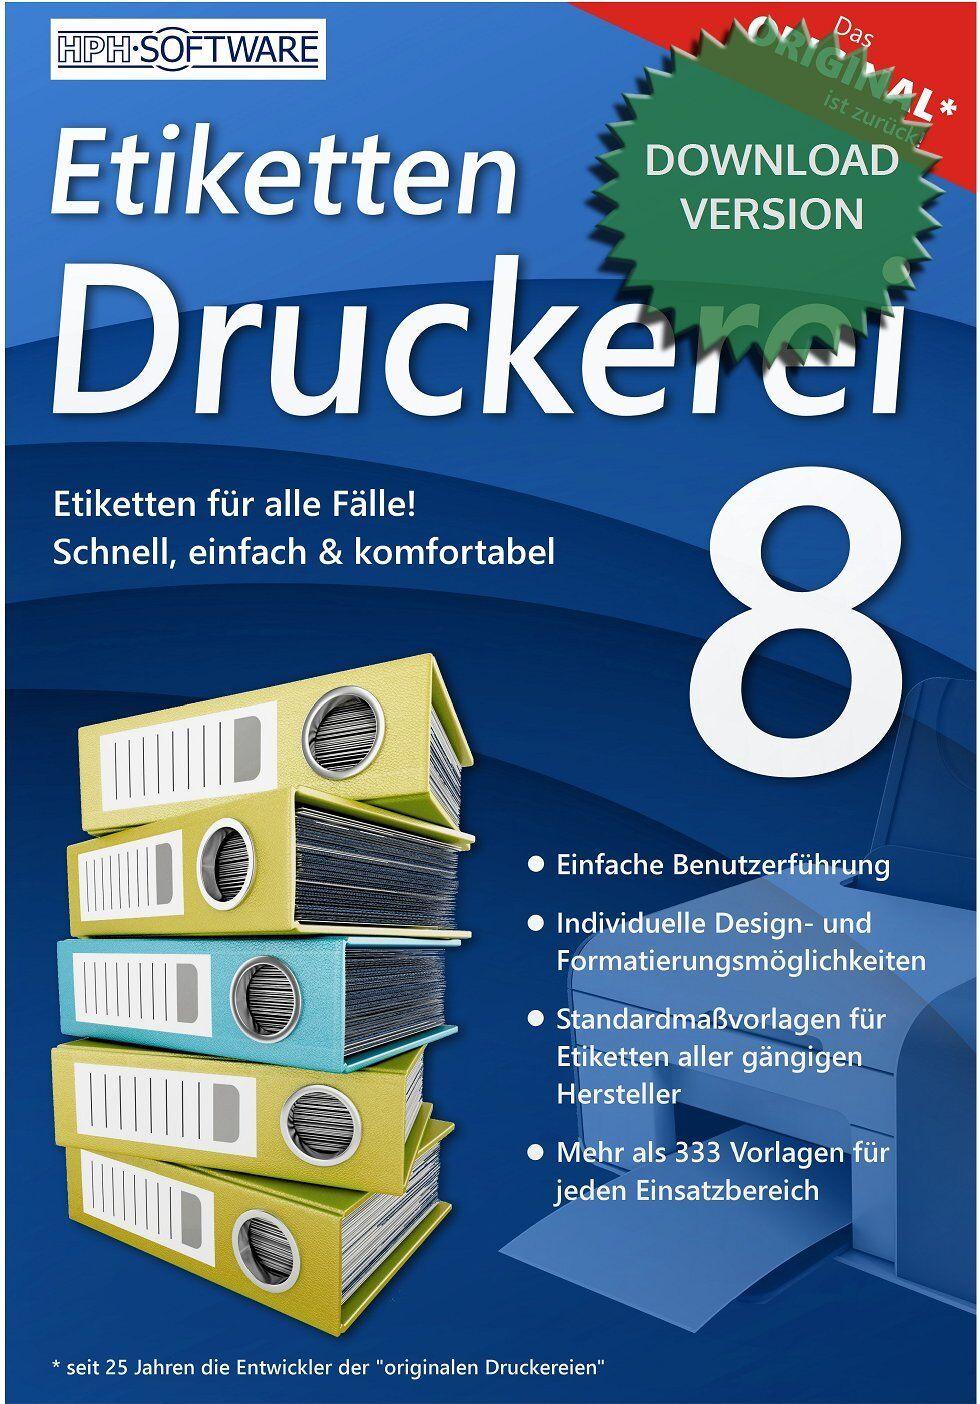 Etikettendruckerei 8 Schnell Und Bequem Als Download